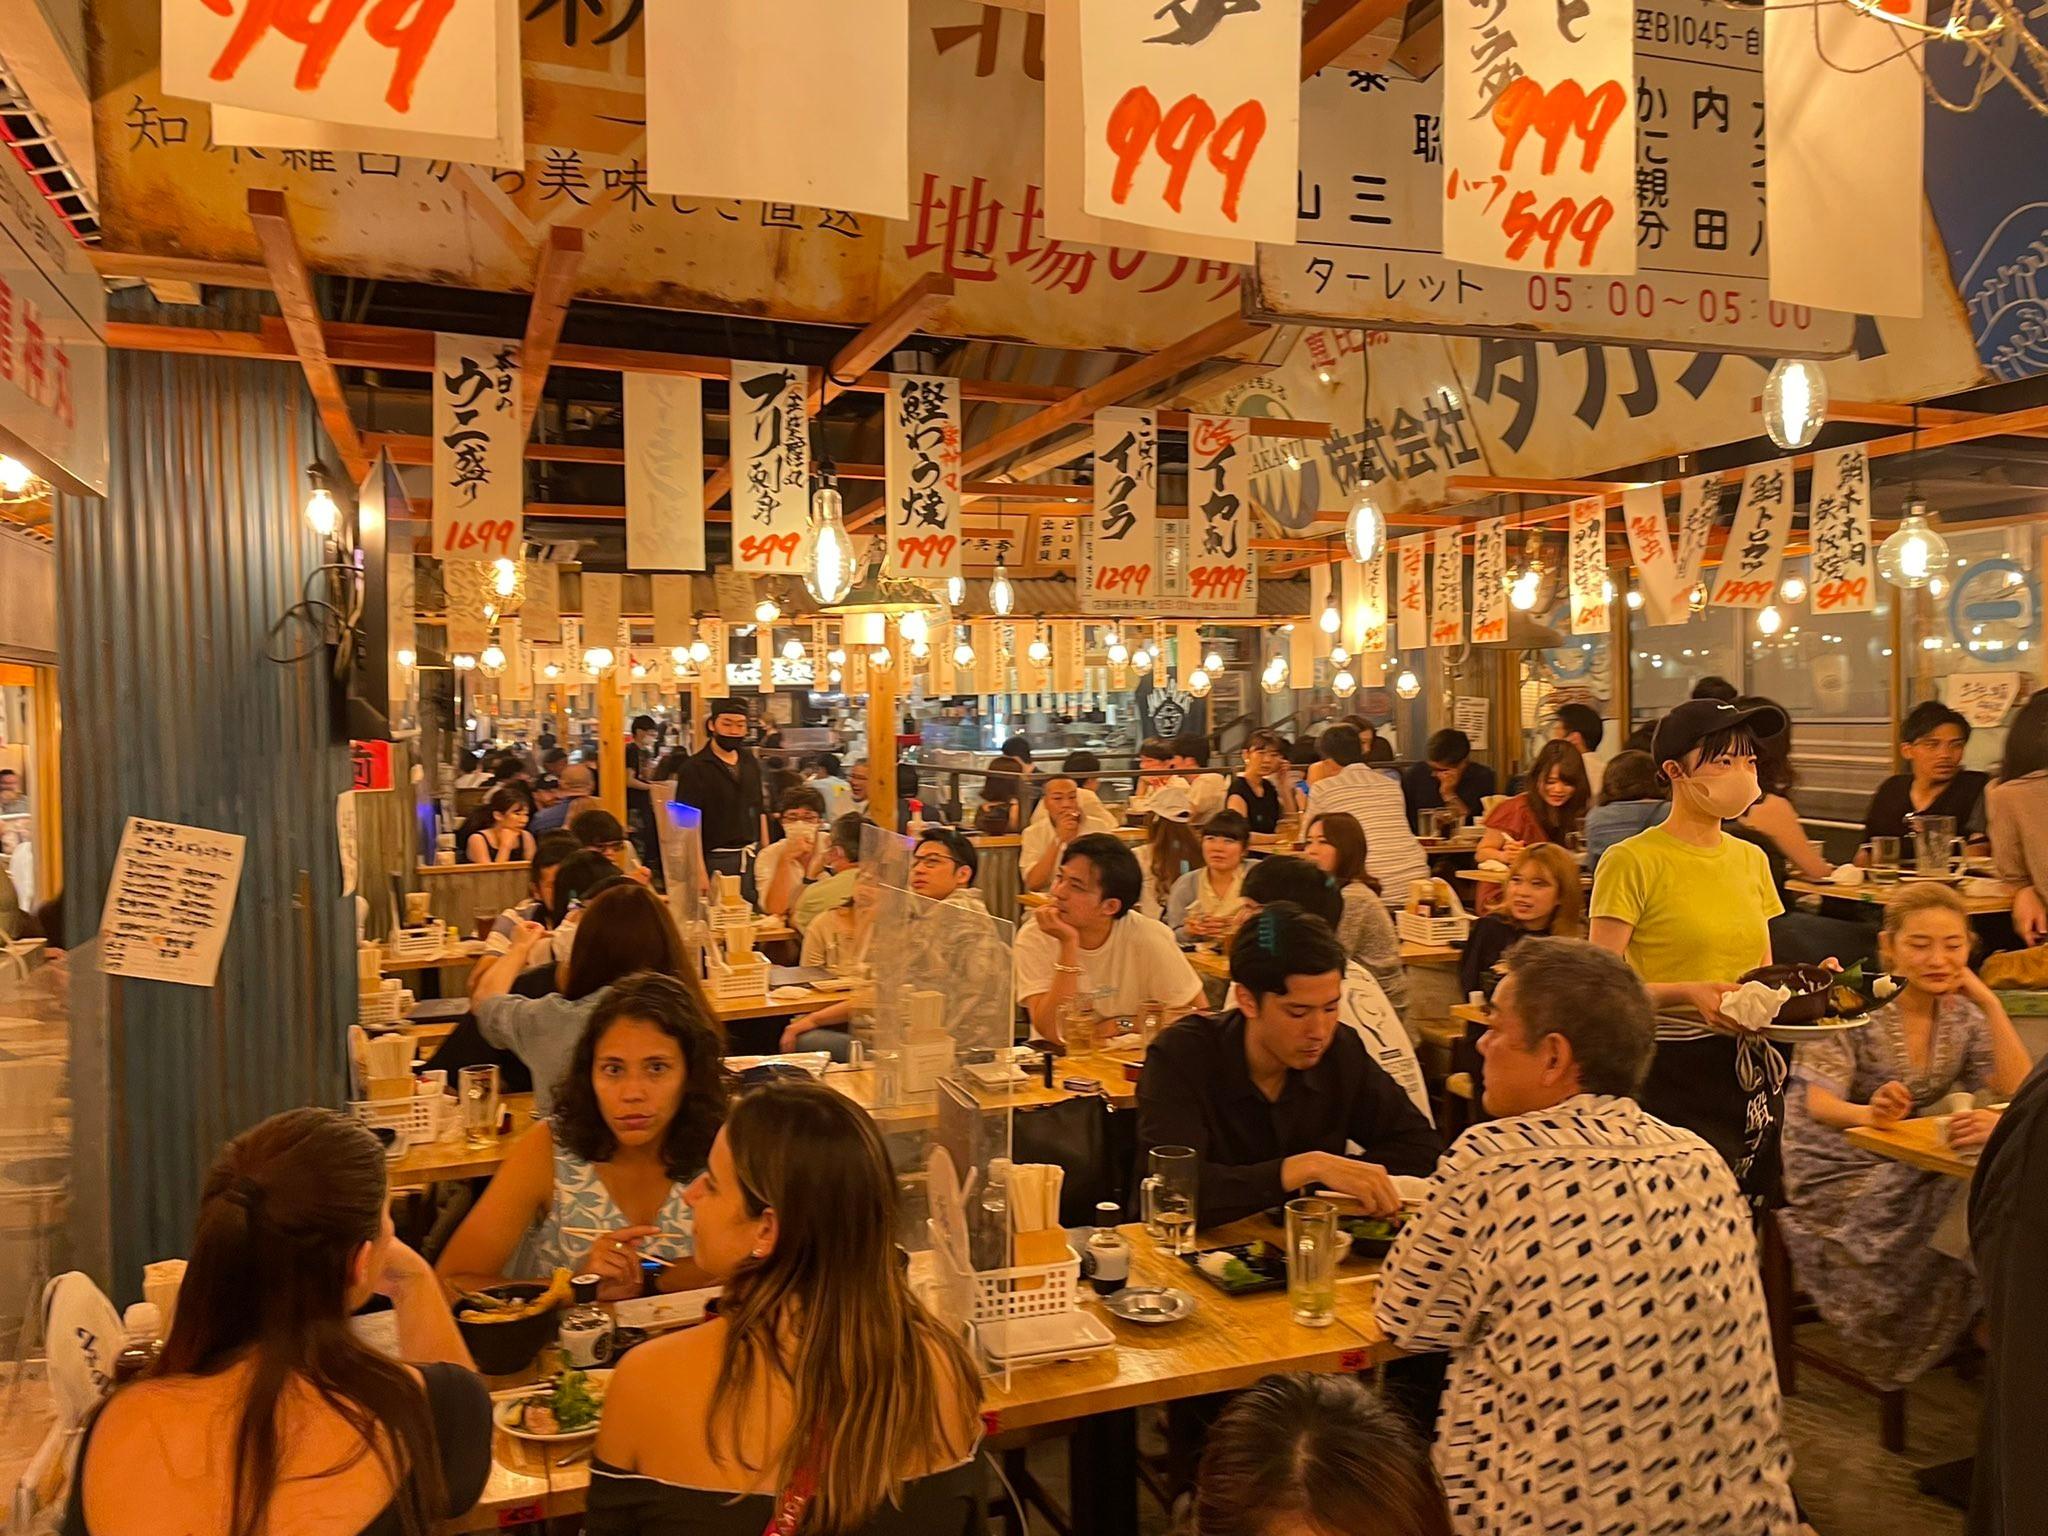 【悲報】東京民、4000人超えた日に居酒屋で大騒ぎしてる様をワシントンポスト記者に撮影され世界に公開される